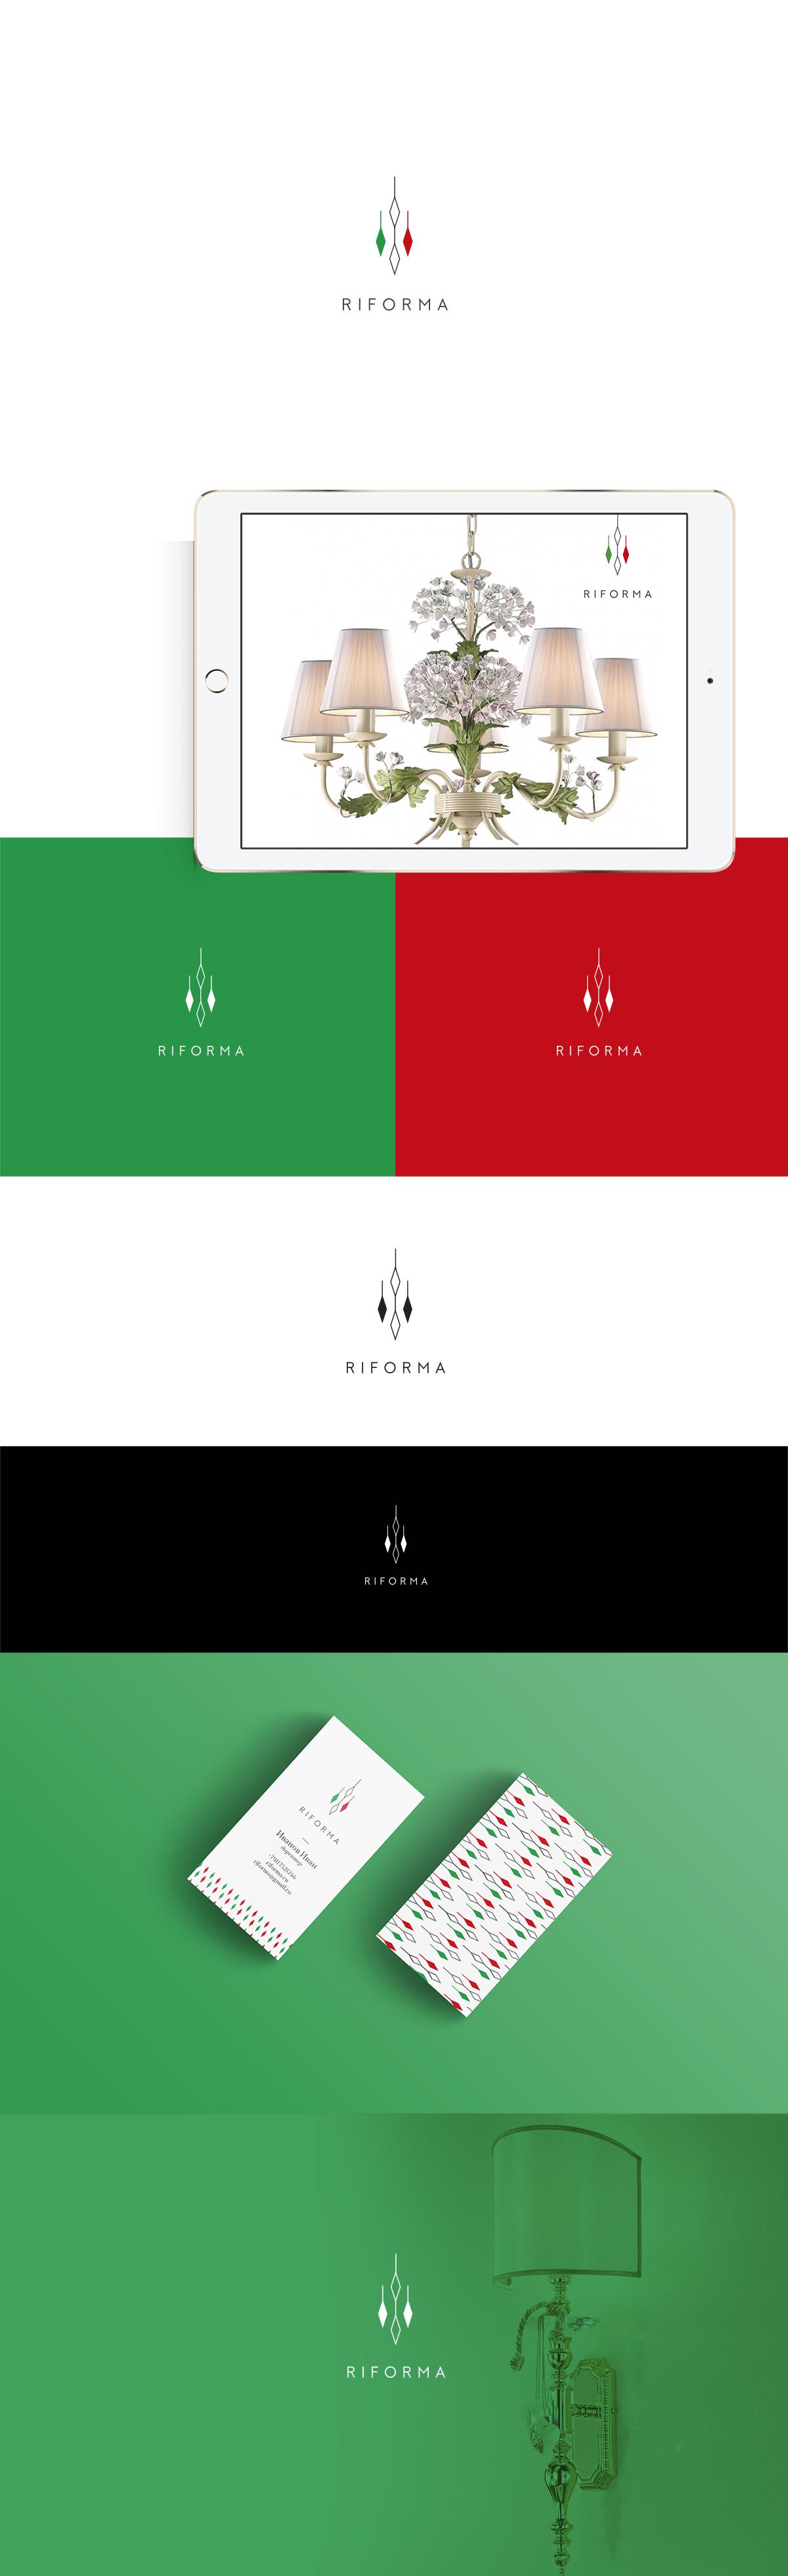 Разработка логотипа и элементов фирменного стиля фото f_34357a099cd12db2.jpg